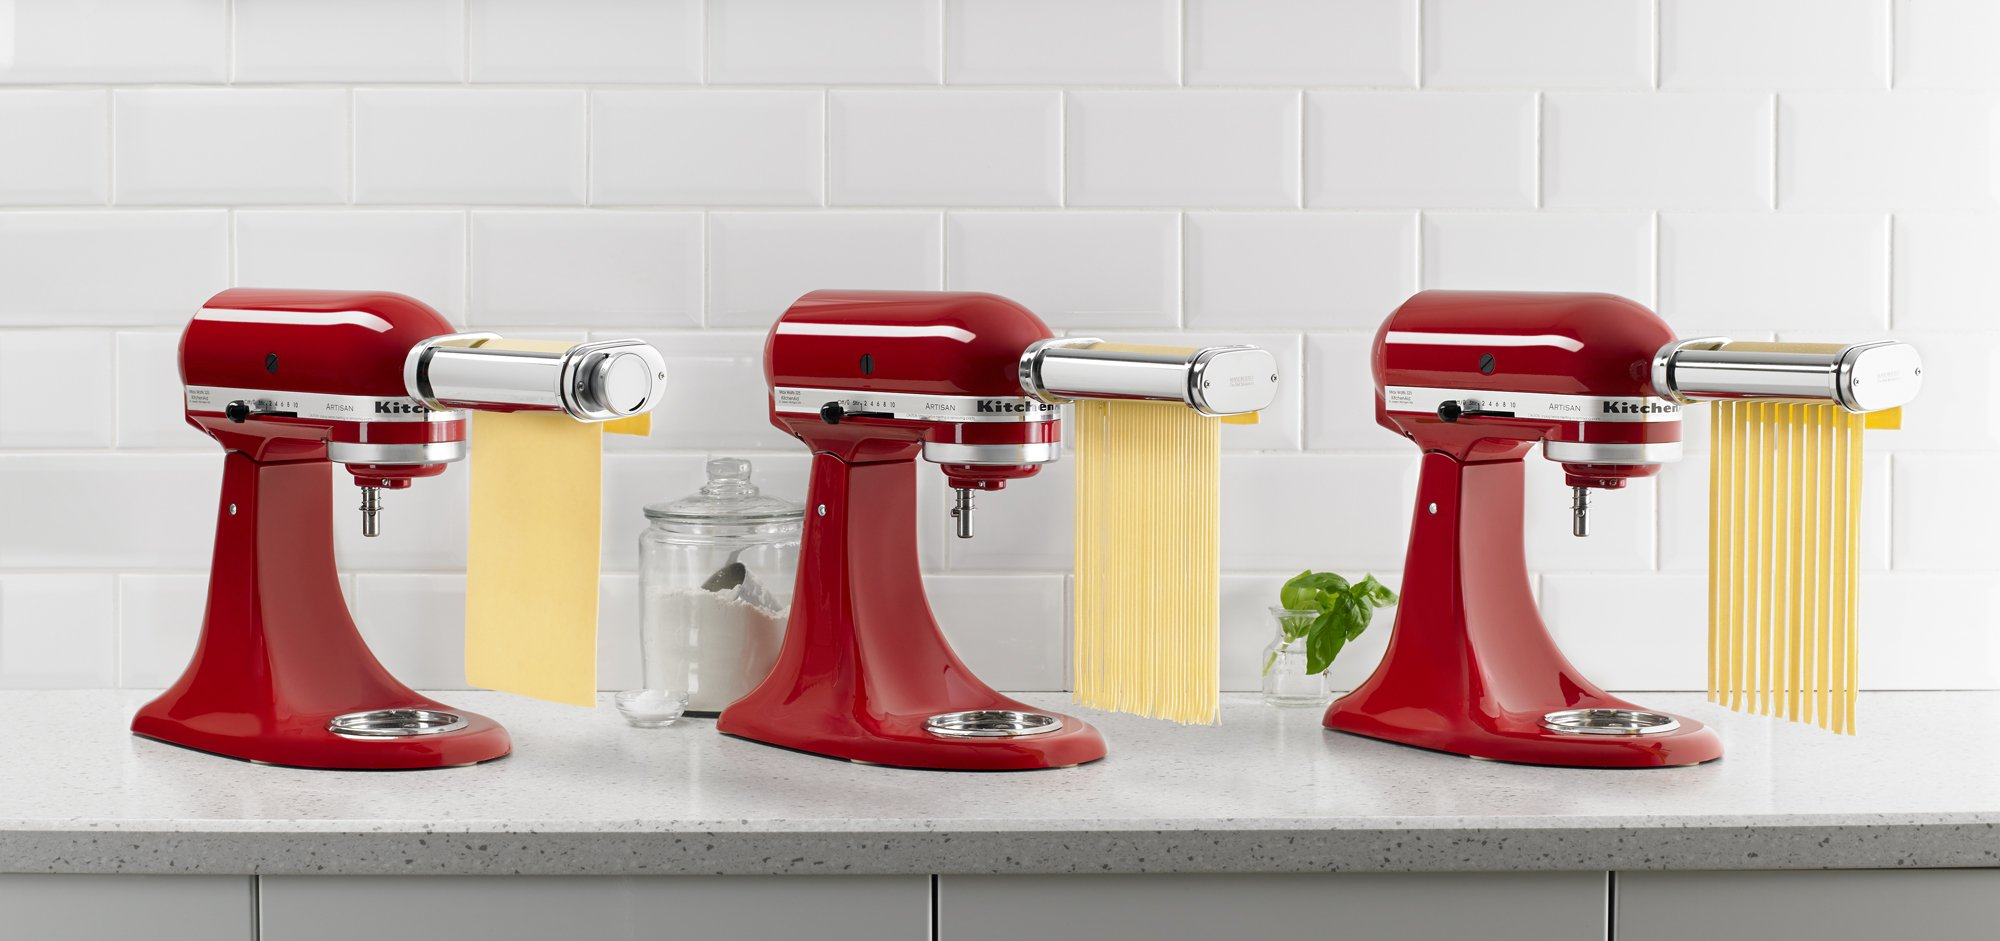 KitchenAid KSMPRA 3-Piece Pasta Roller & Cutter Attachment Set by KitchenAid (Image #6)